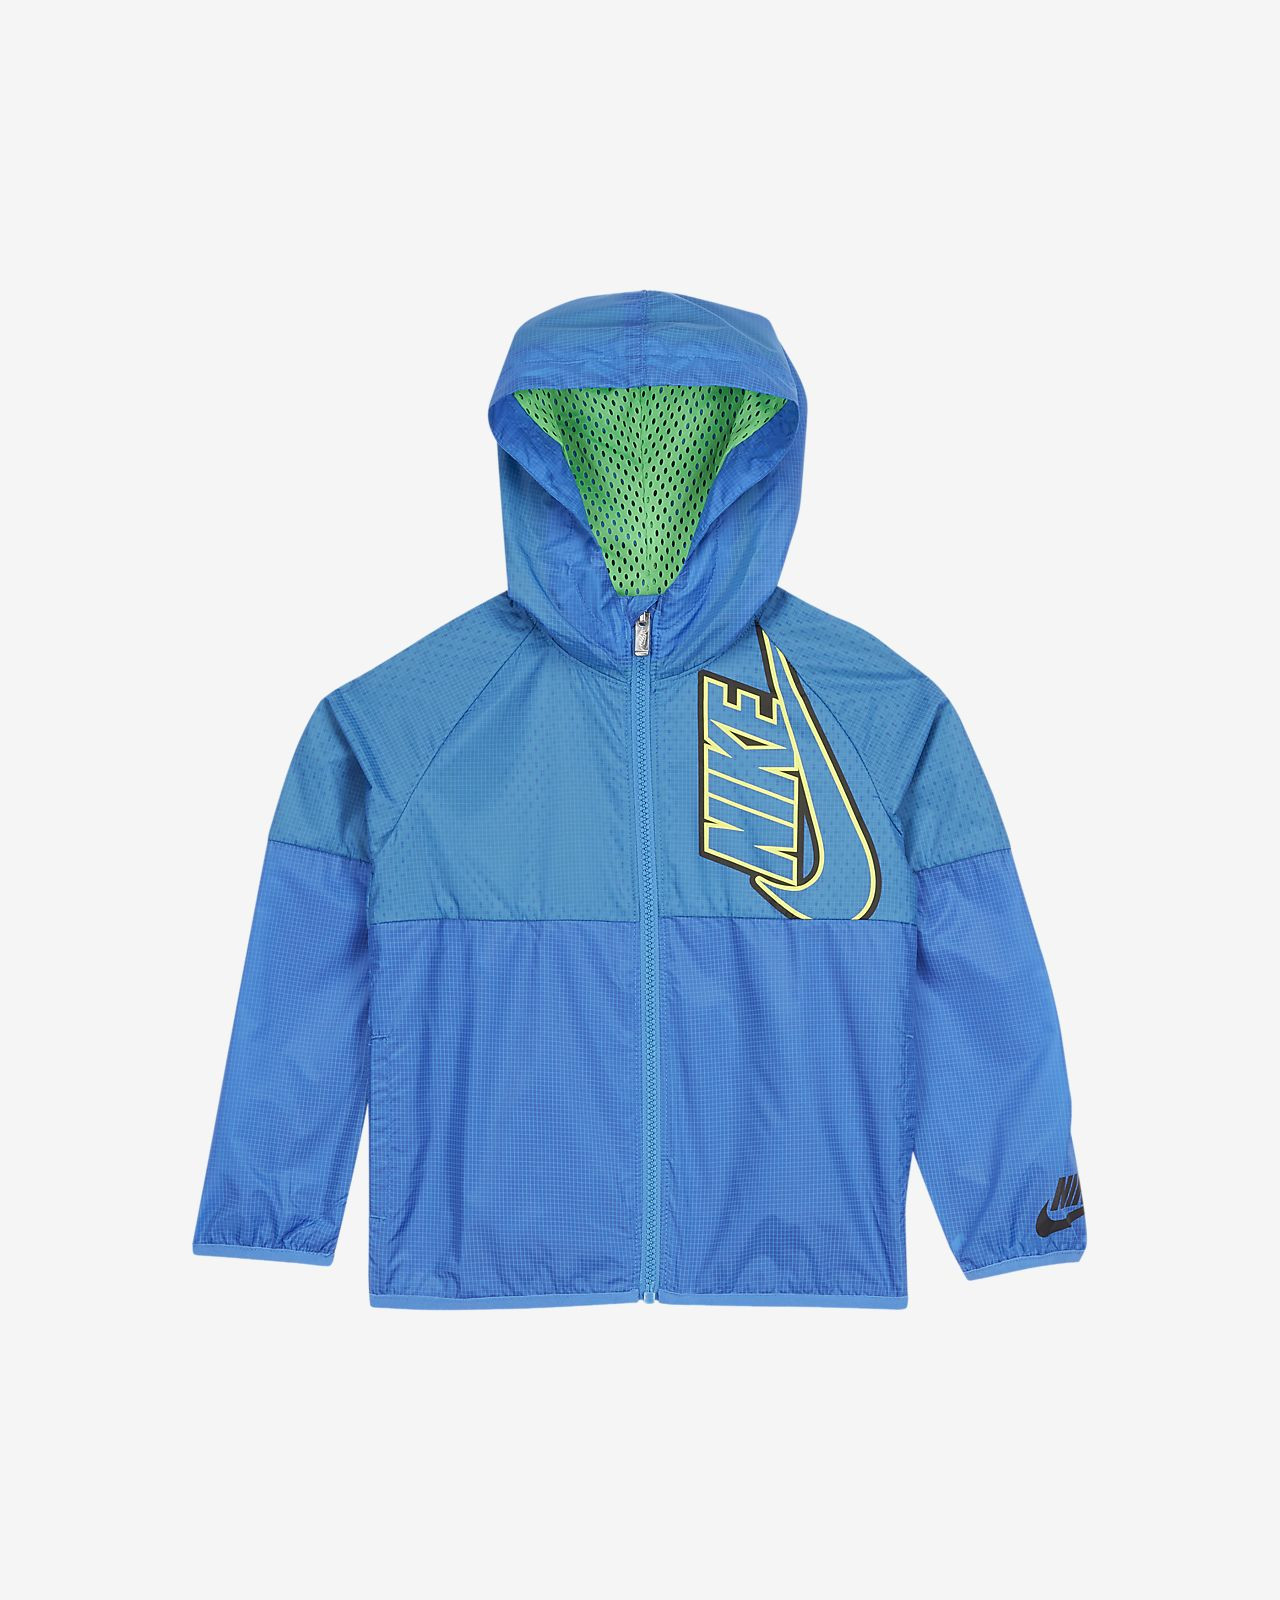 Nike Sportswear Little Kids' Full-Zip Jacket